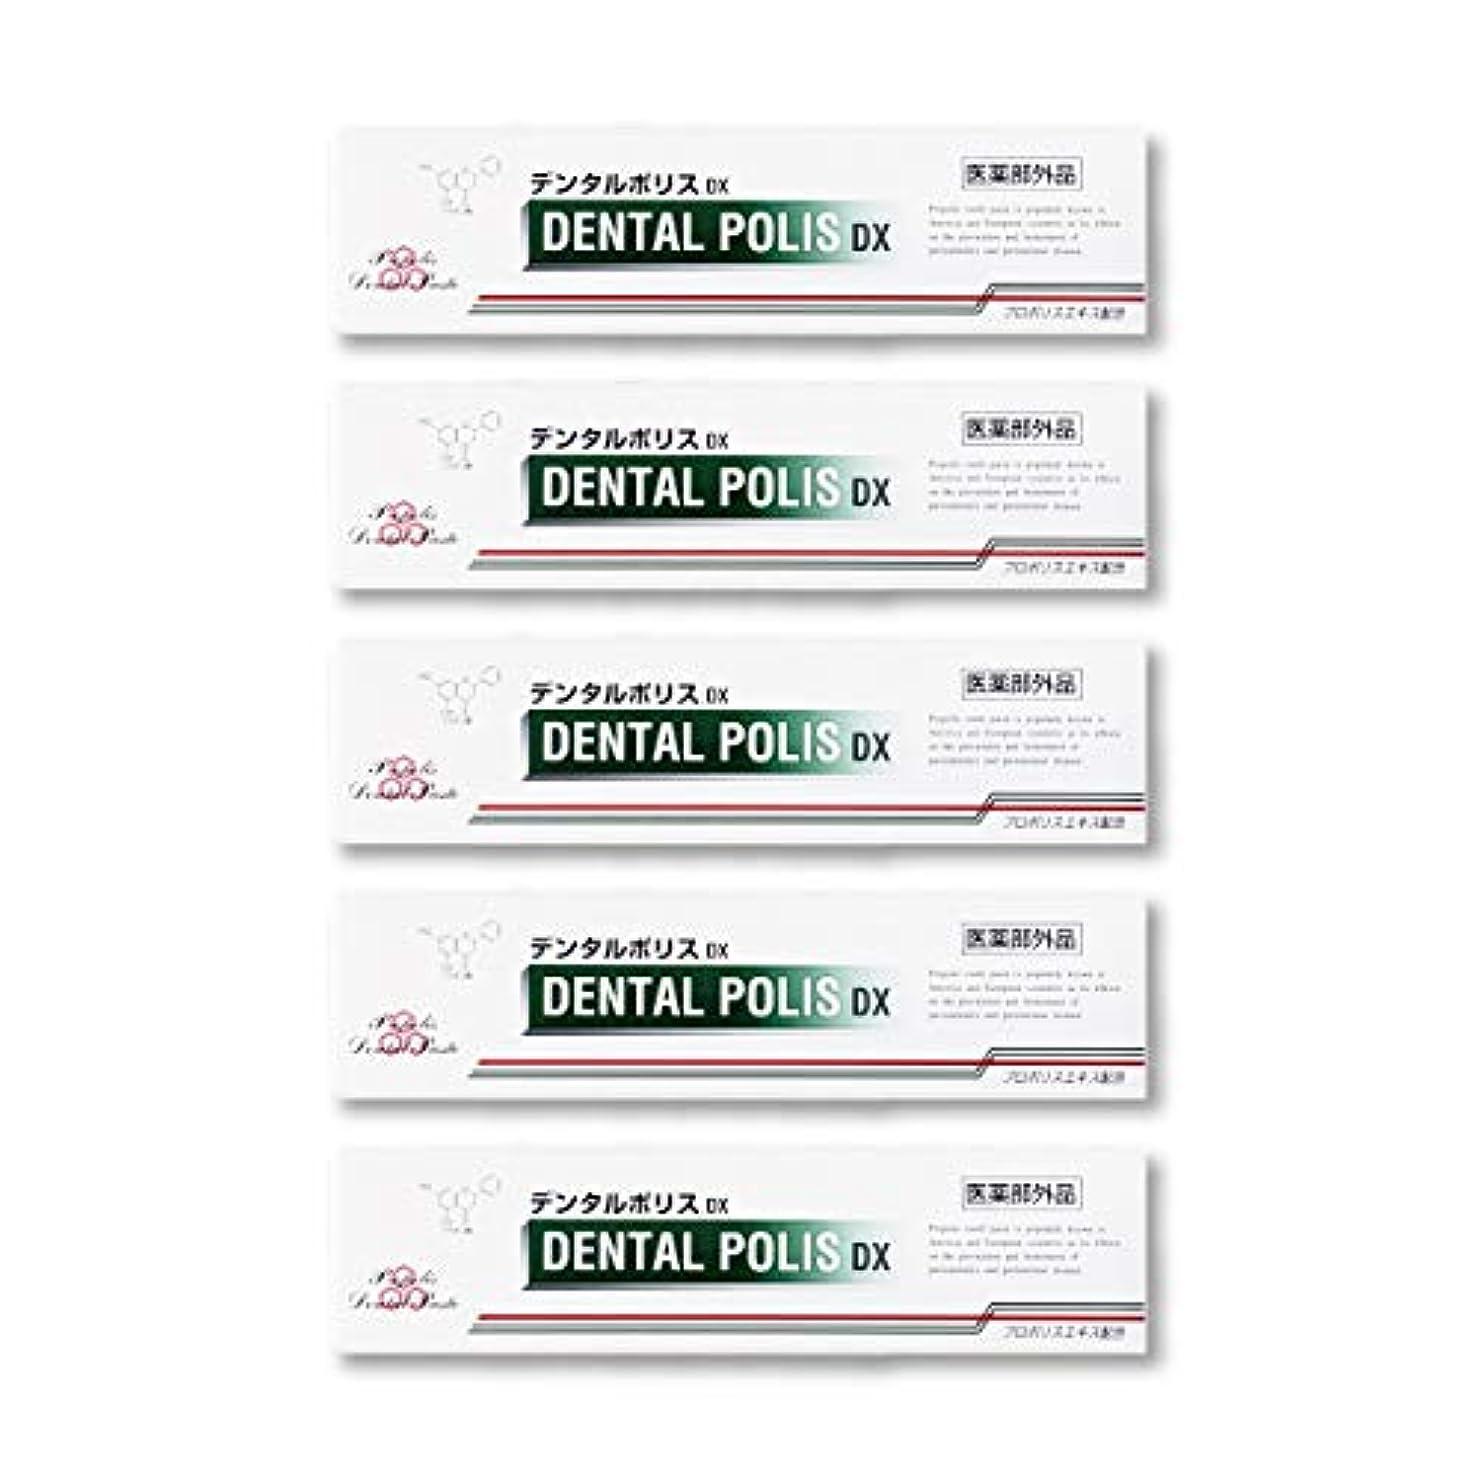 デンタルポリスDX  80g   5本セット 医薬部外品  歯みがき